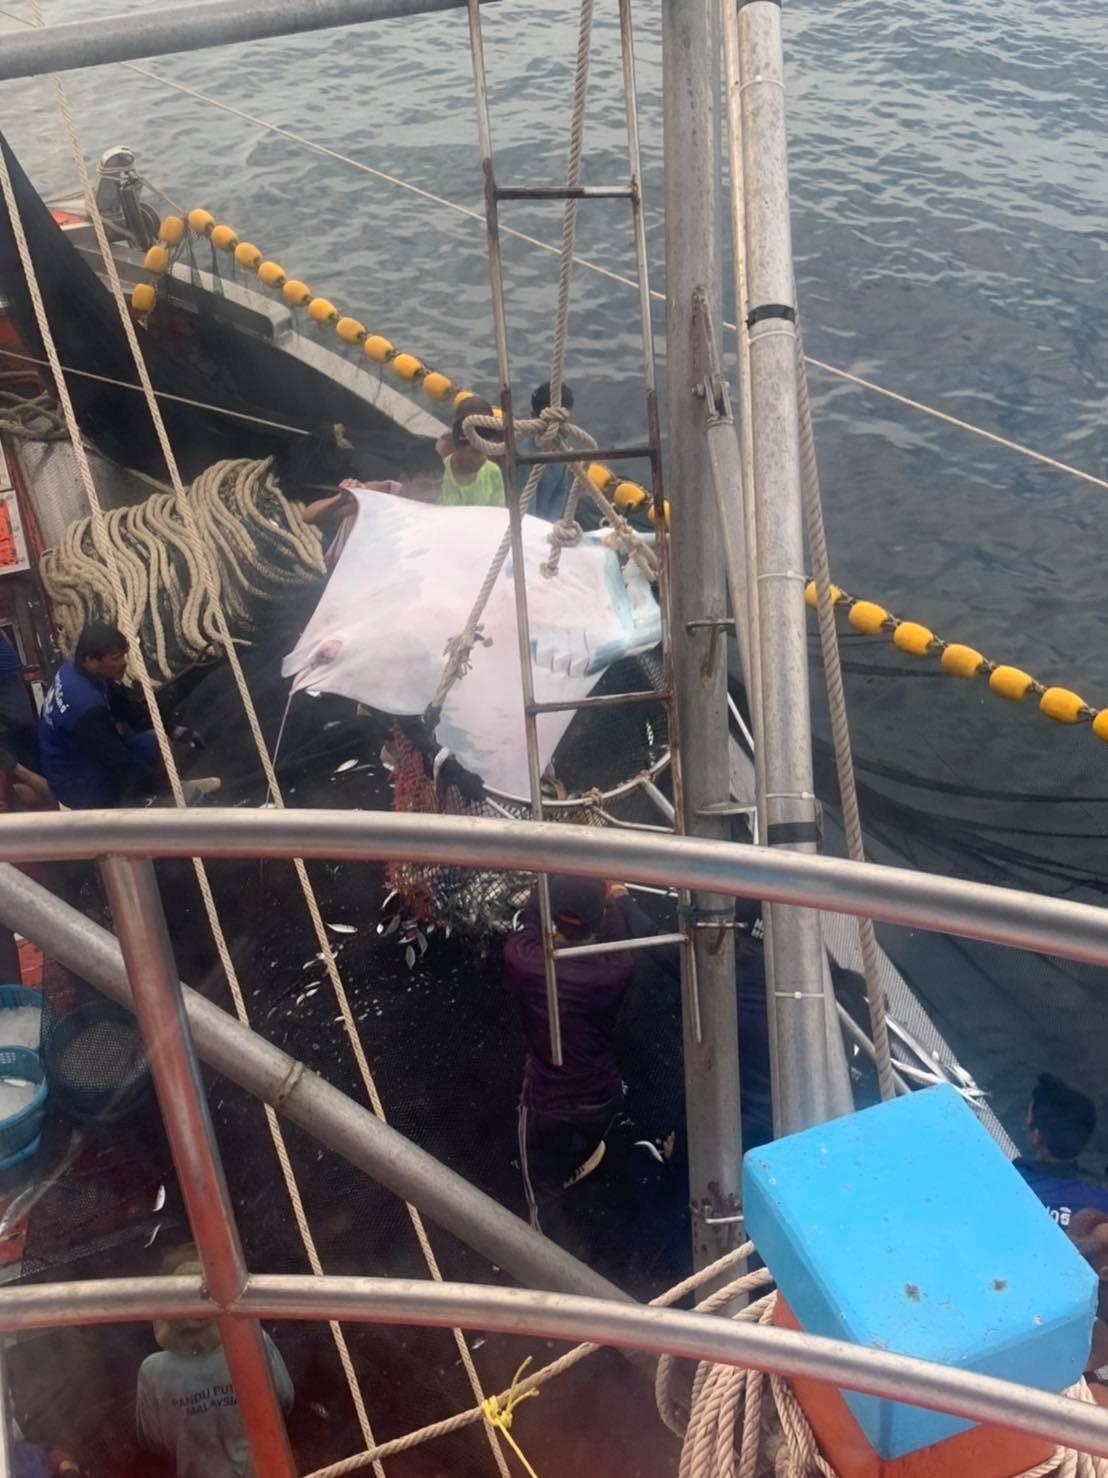 เรือป.โชคปาริฉัตร์1ปล่อยปลากระเบนราหู 12 ตัวหนักราวครึ่งตัน ทะเลจ.กระบี่